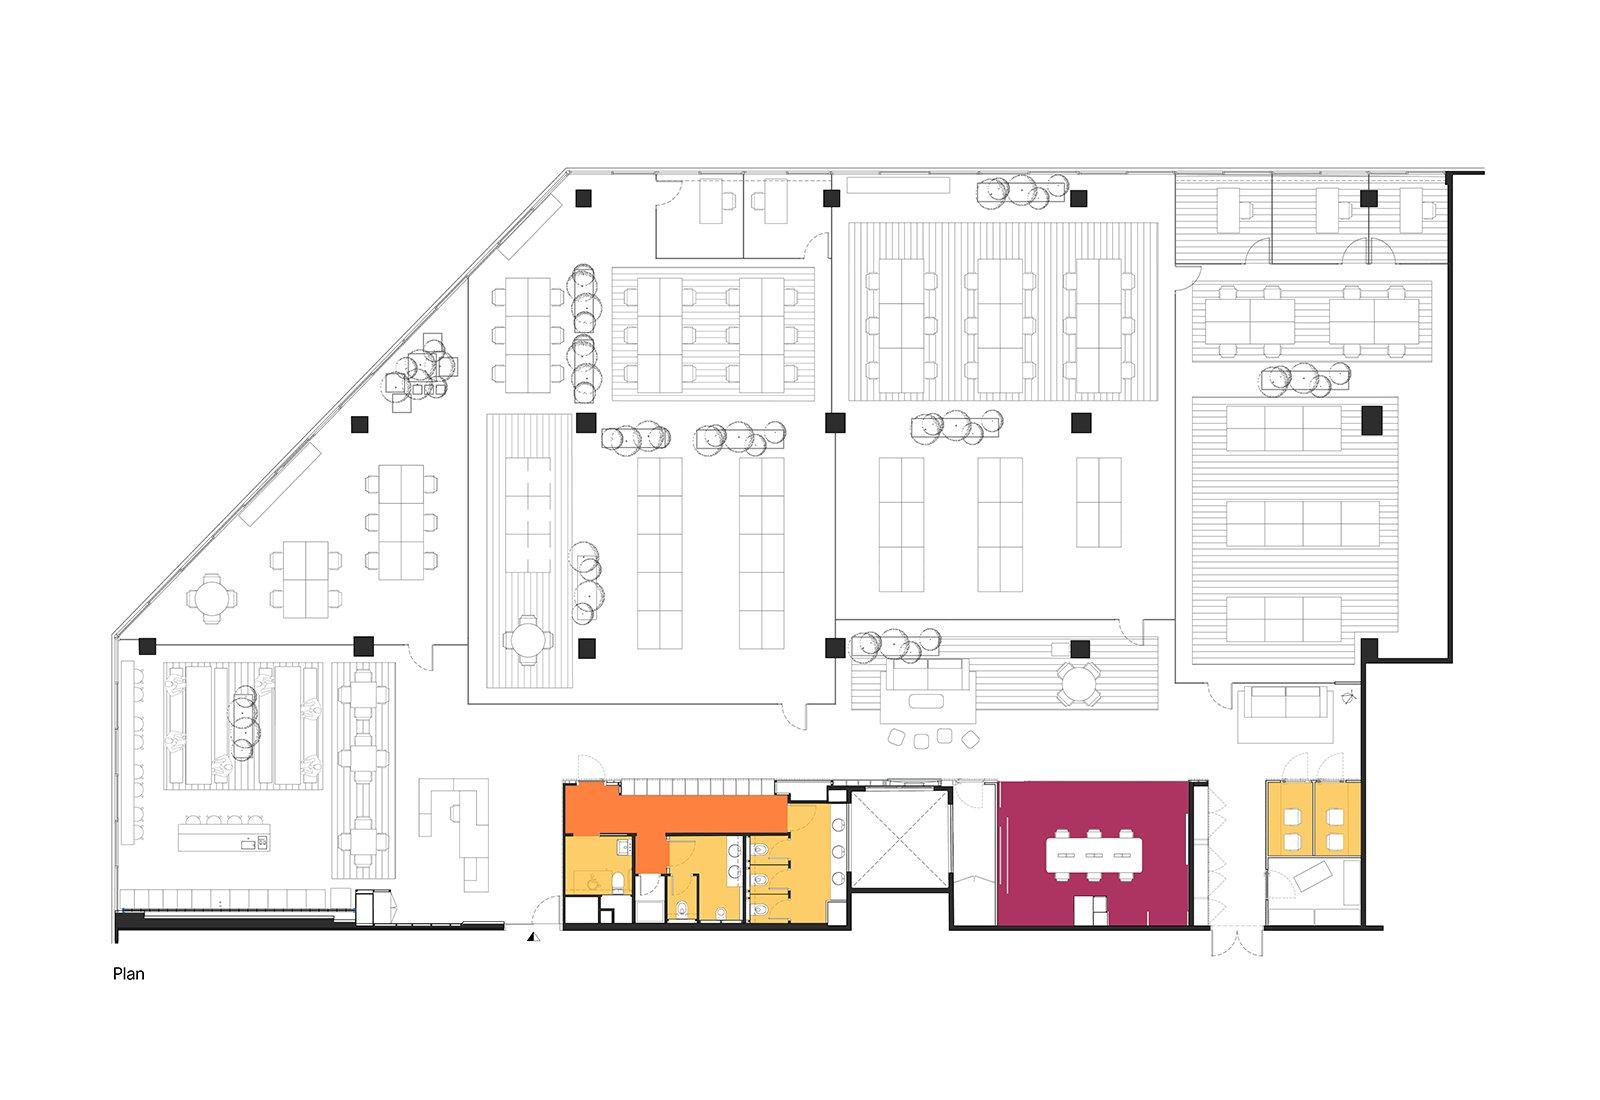 """Plano del edificio Startup Hub """"Cloudworks Pujades"""" en el distrito 22@ de Barcelona."""